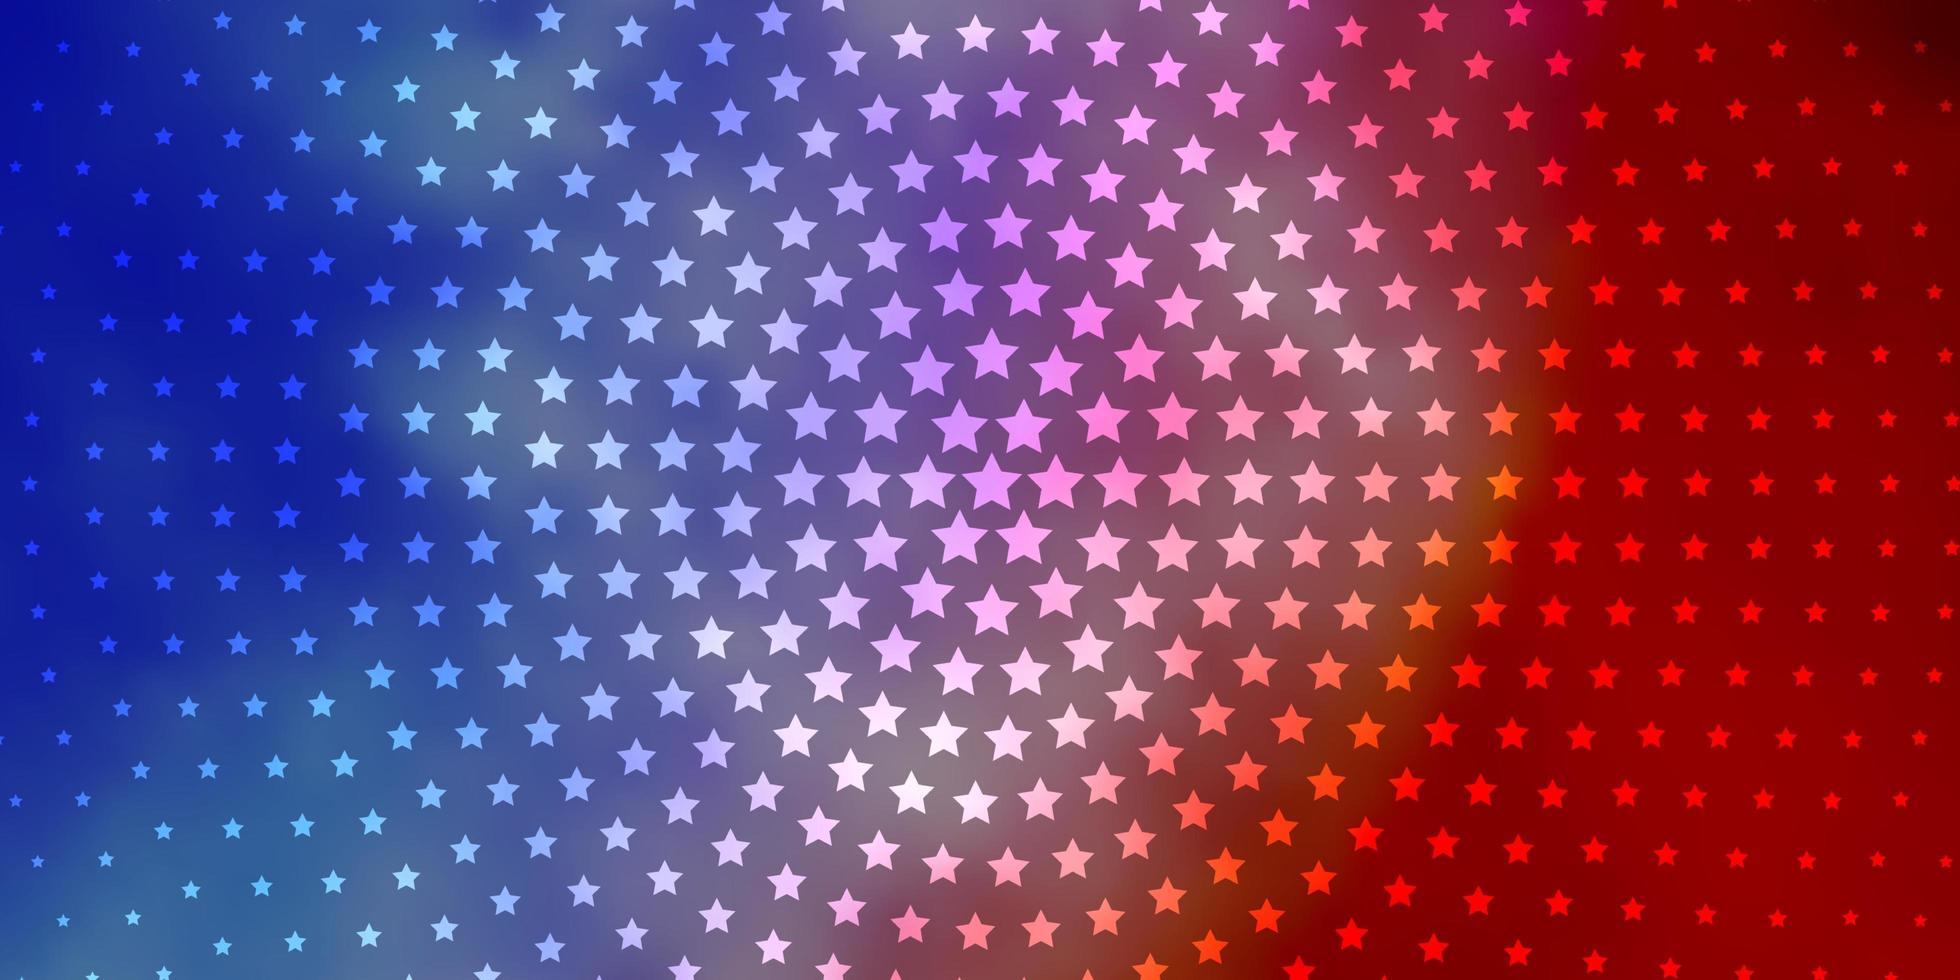 layout azul claro e vermelho com estrelas brilhantes. vetor